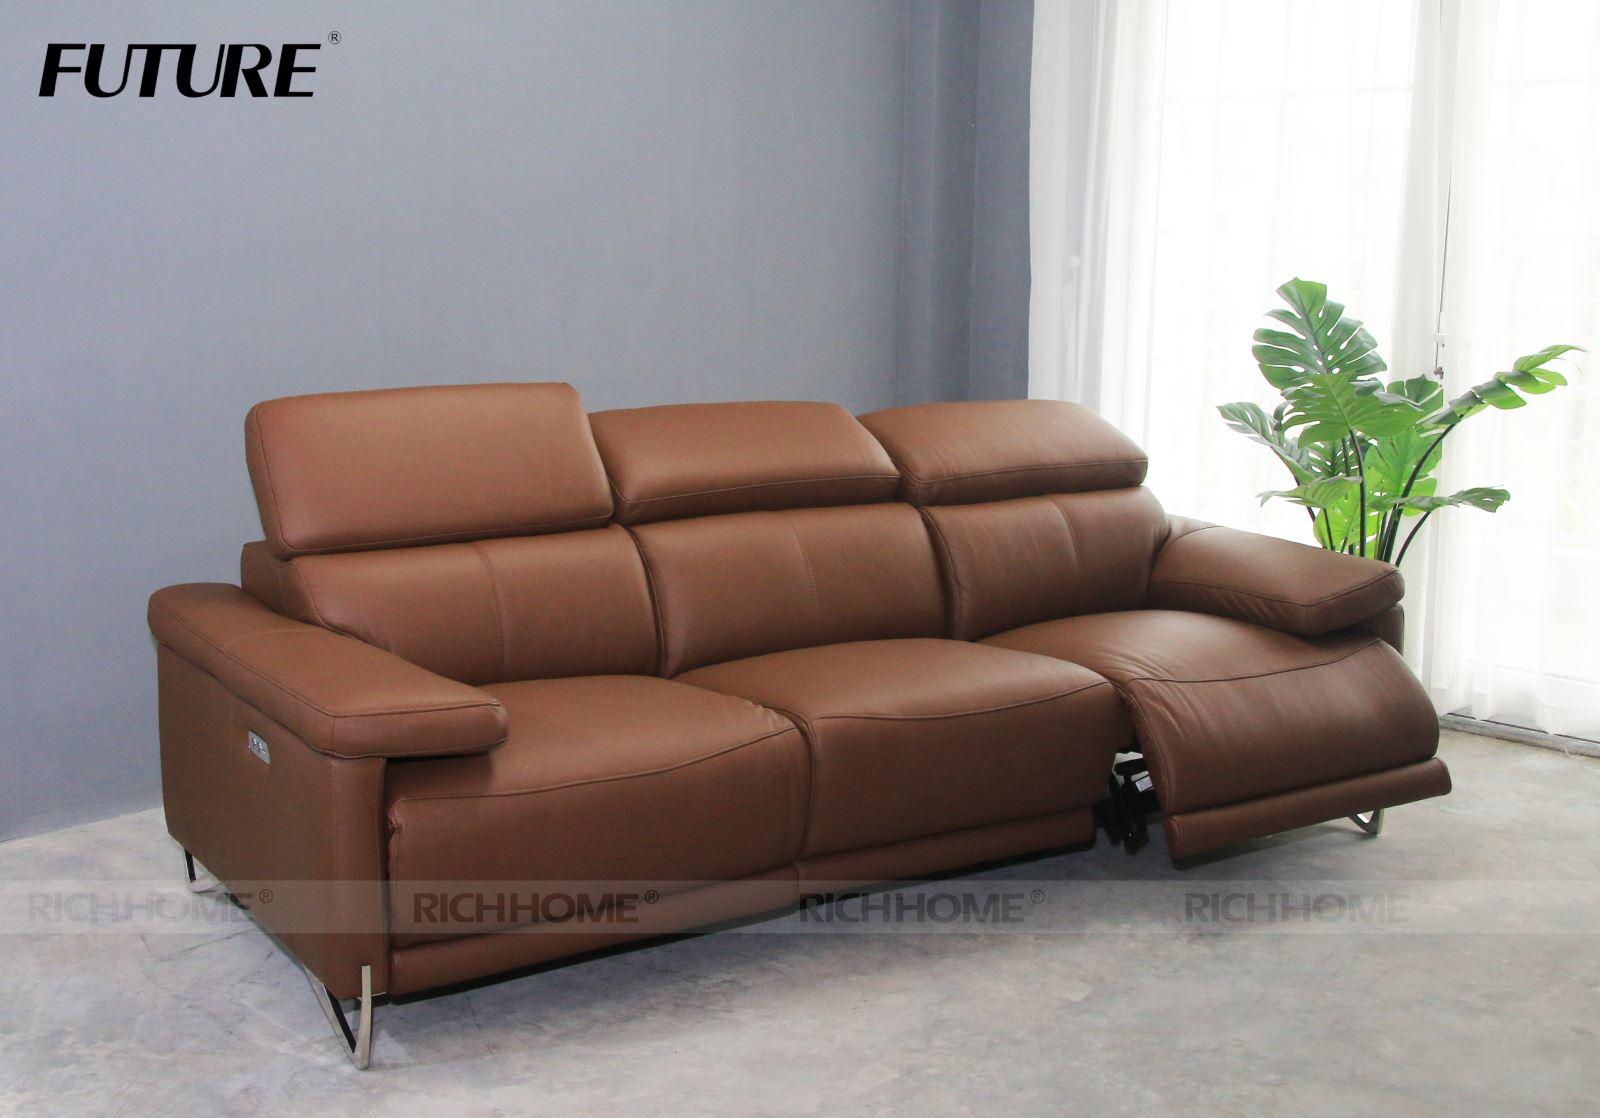 Mẫu ghế dài thư giãn không thể thiếu trong ngôi nhà hiện đại